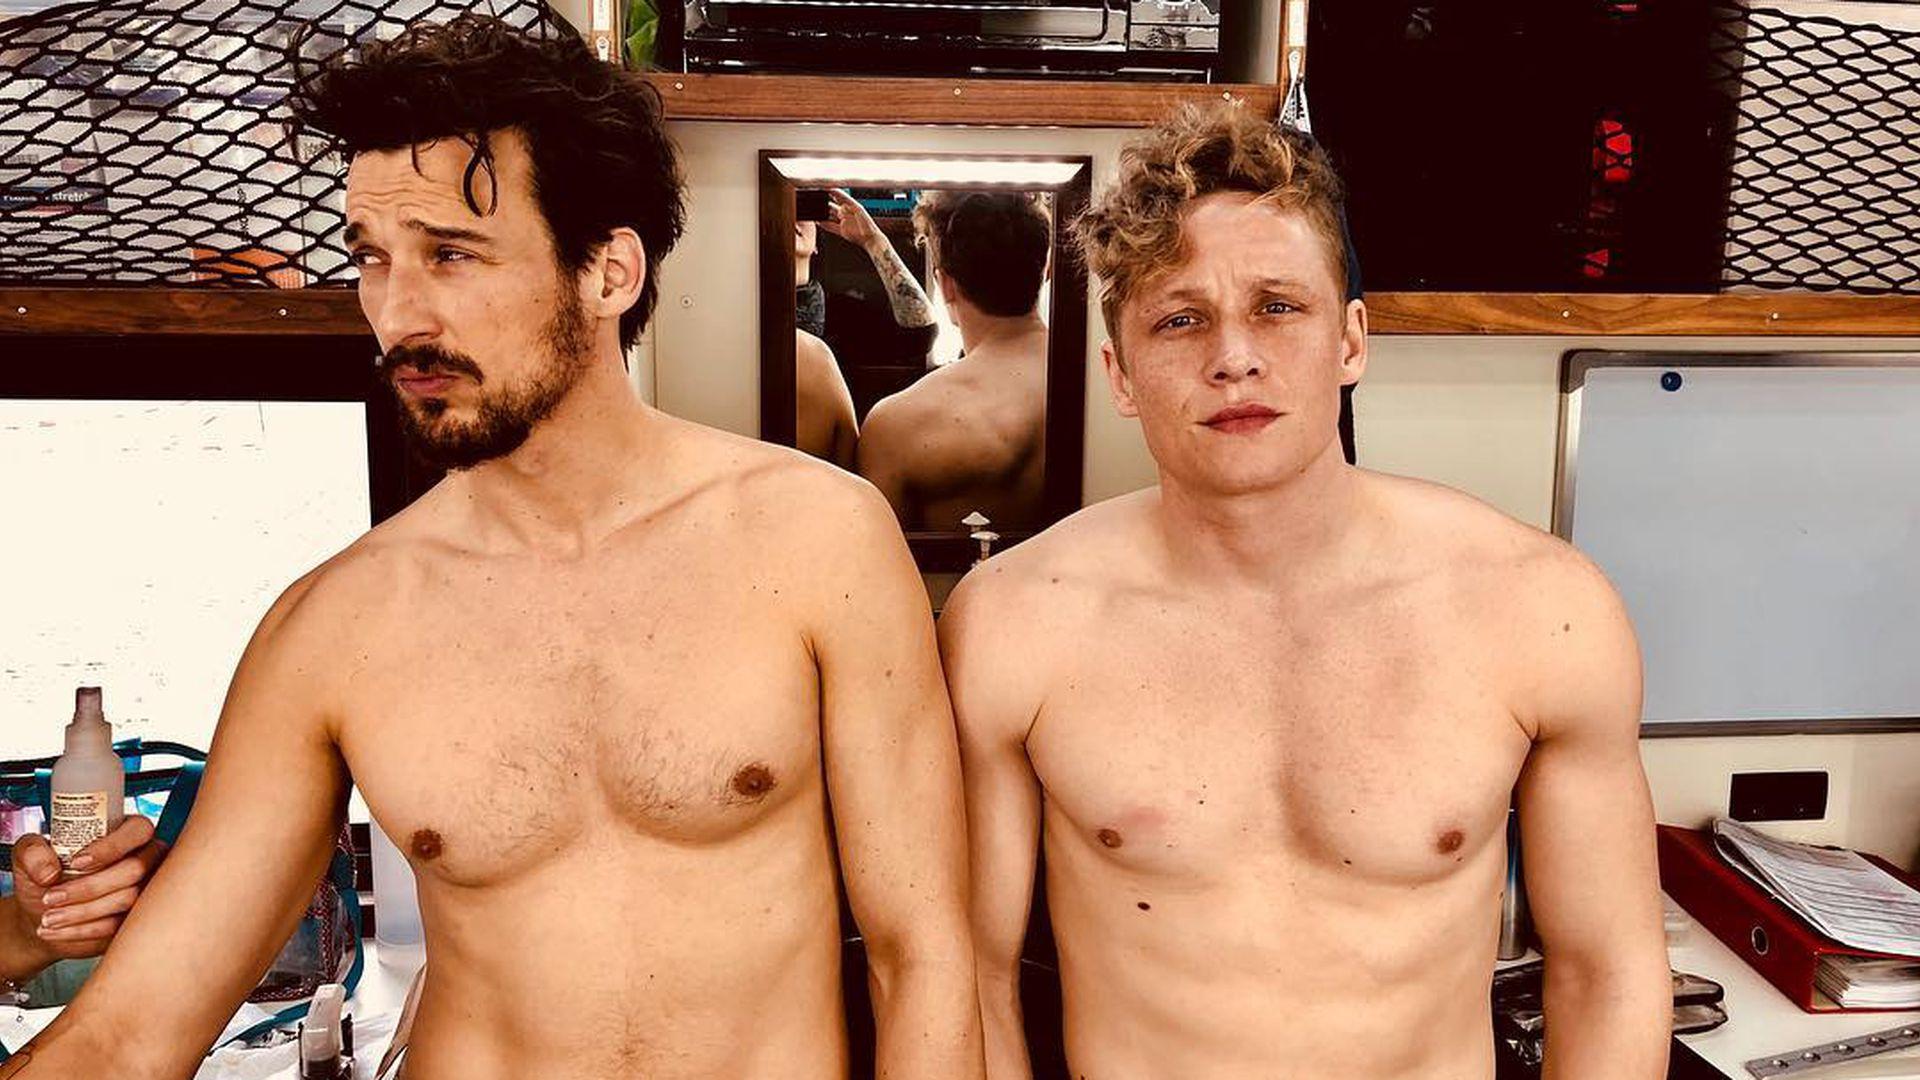 Ständig nackt: Vergleichen Matthias & Florian ihren Body